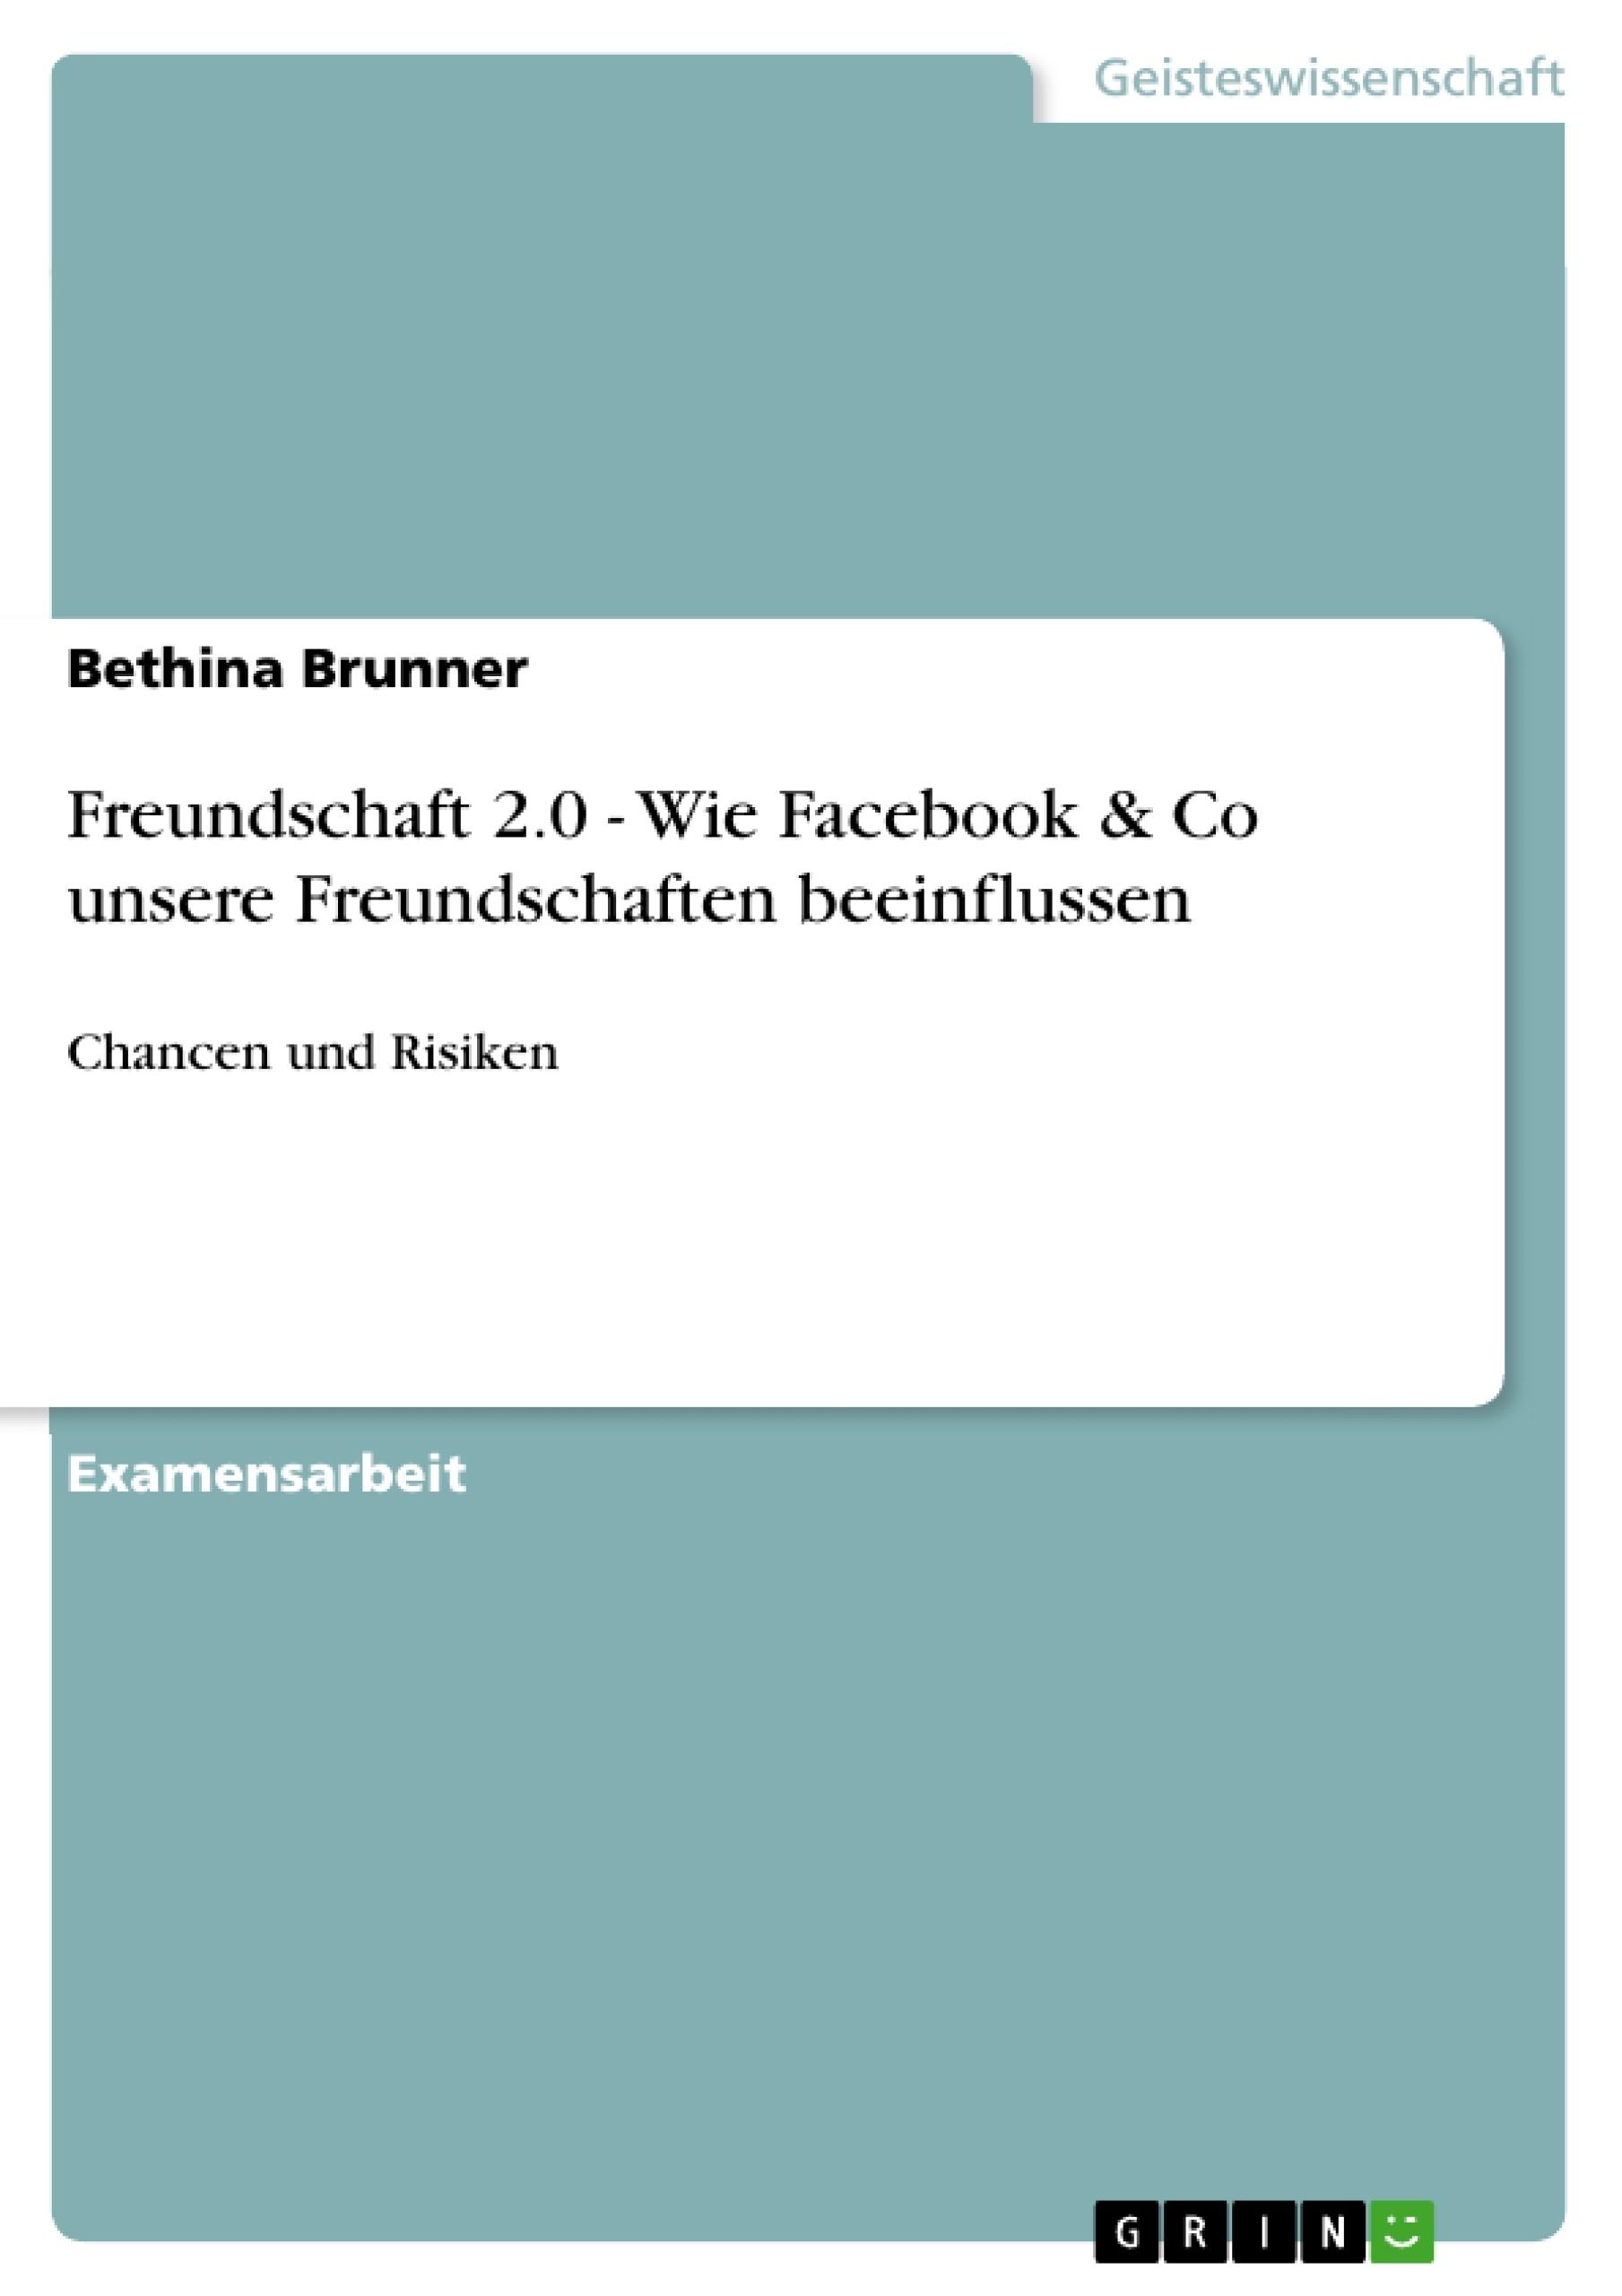 Titel: Freundschaft 2.0 - Wie Facebook & Co unsere Freundschaften beeinflussen